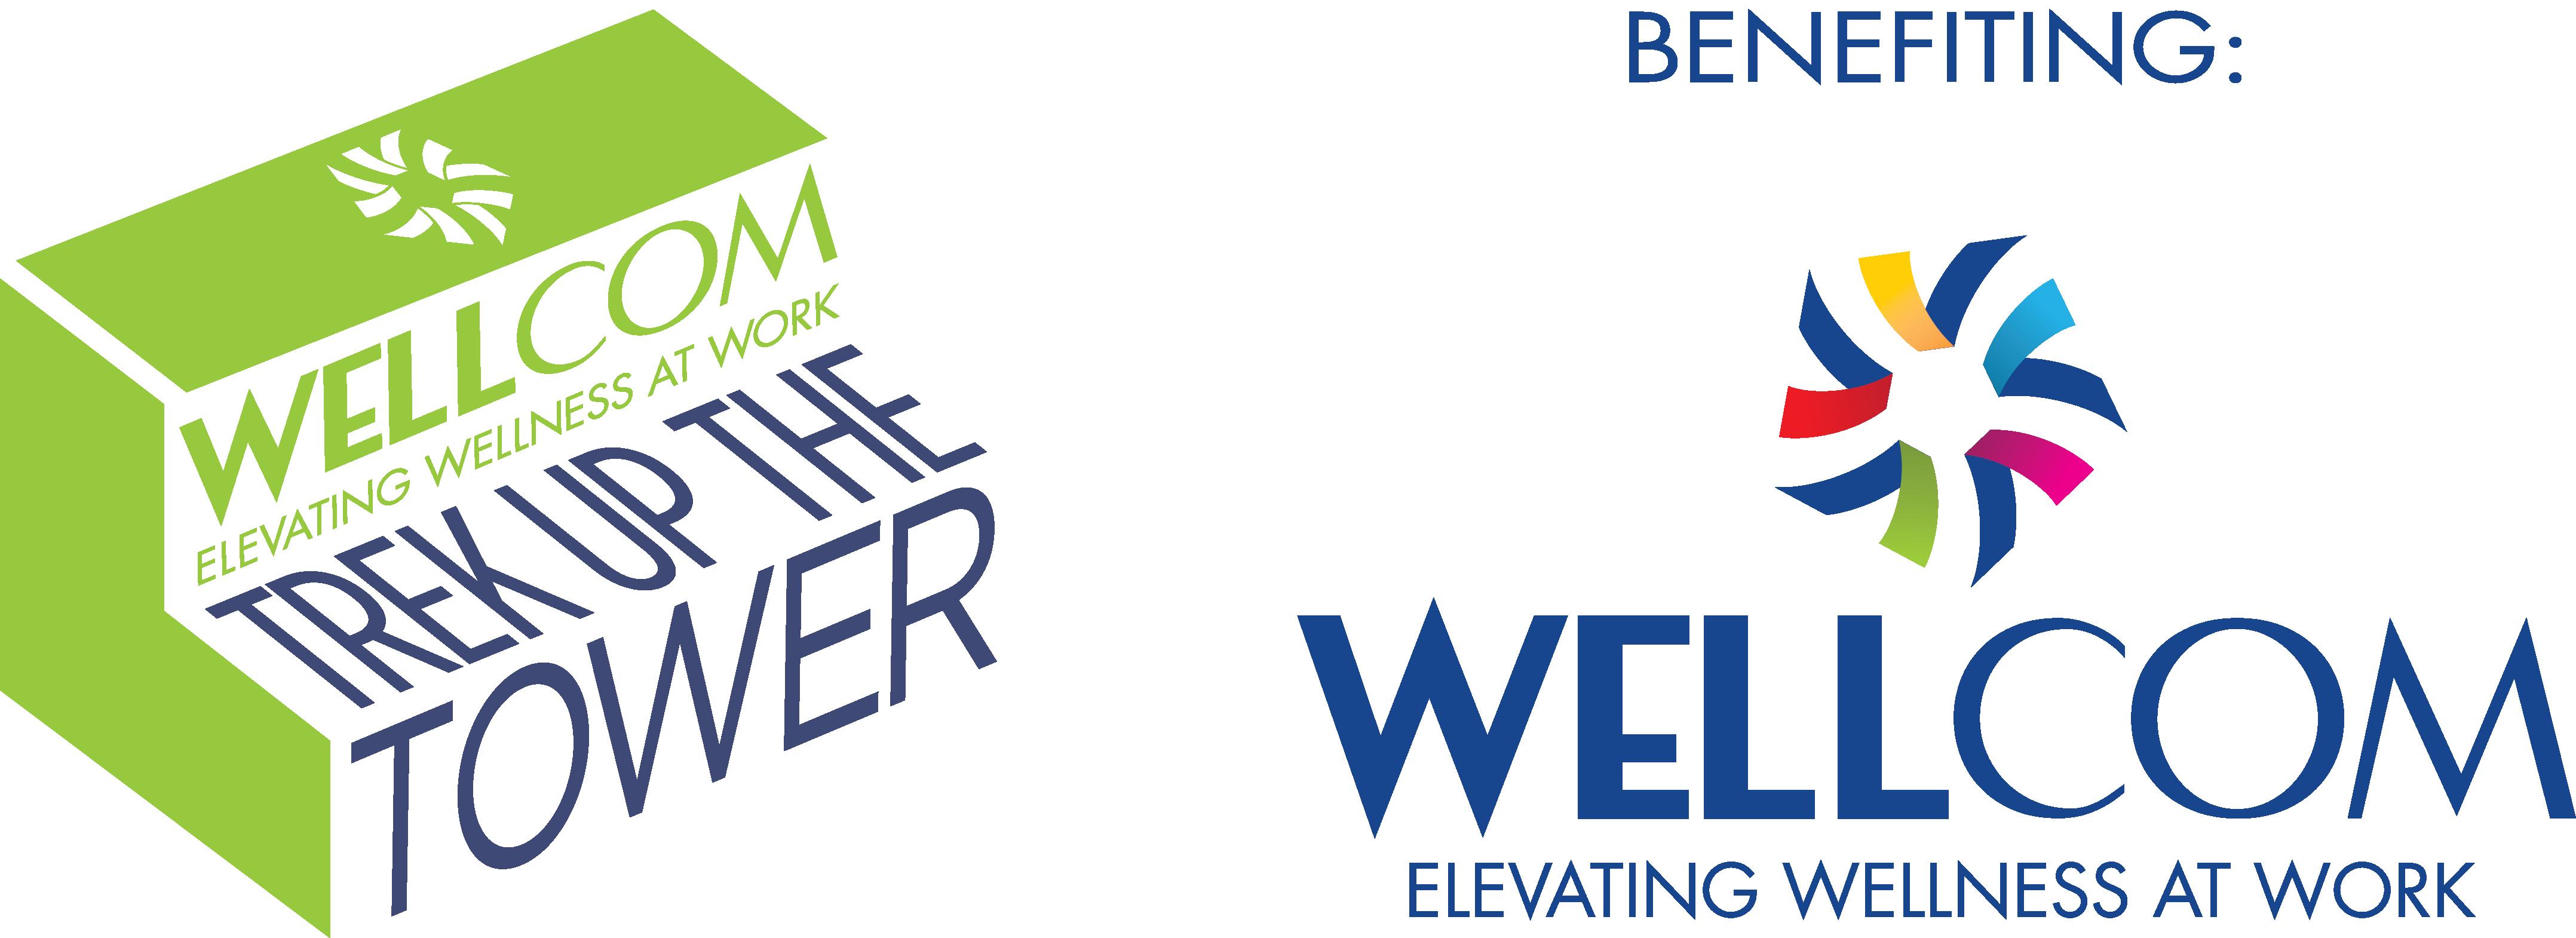 4312x1570 Volunteers Trek Up The Tower Vertical Stair Race Presented By